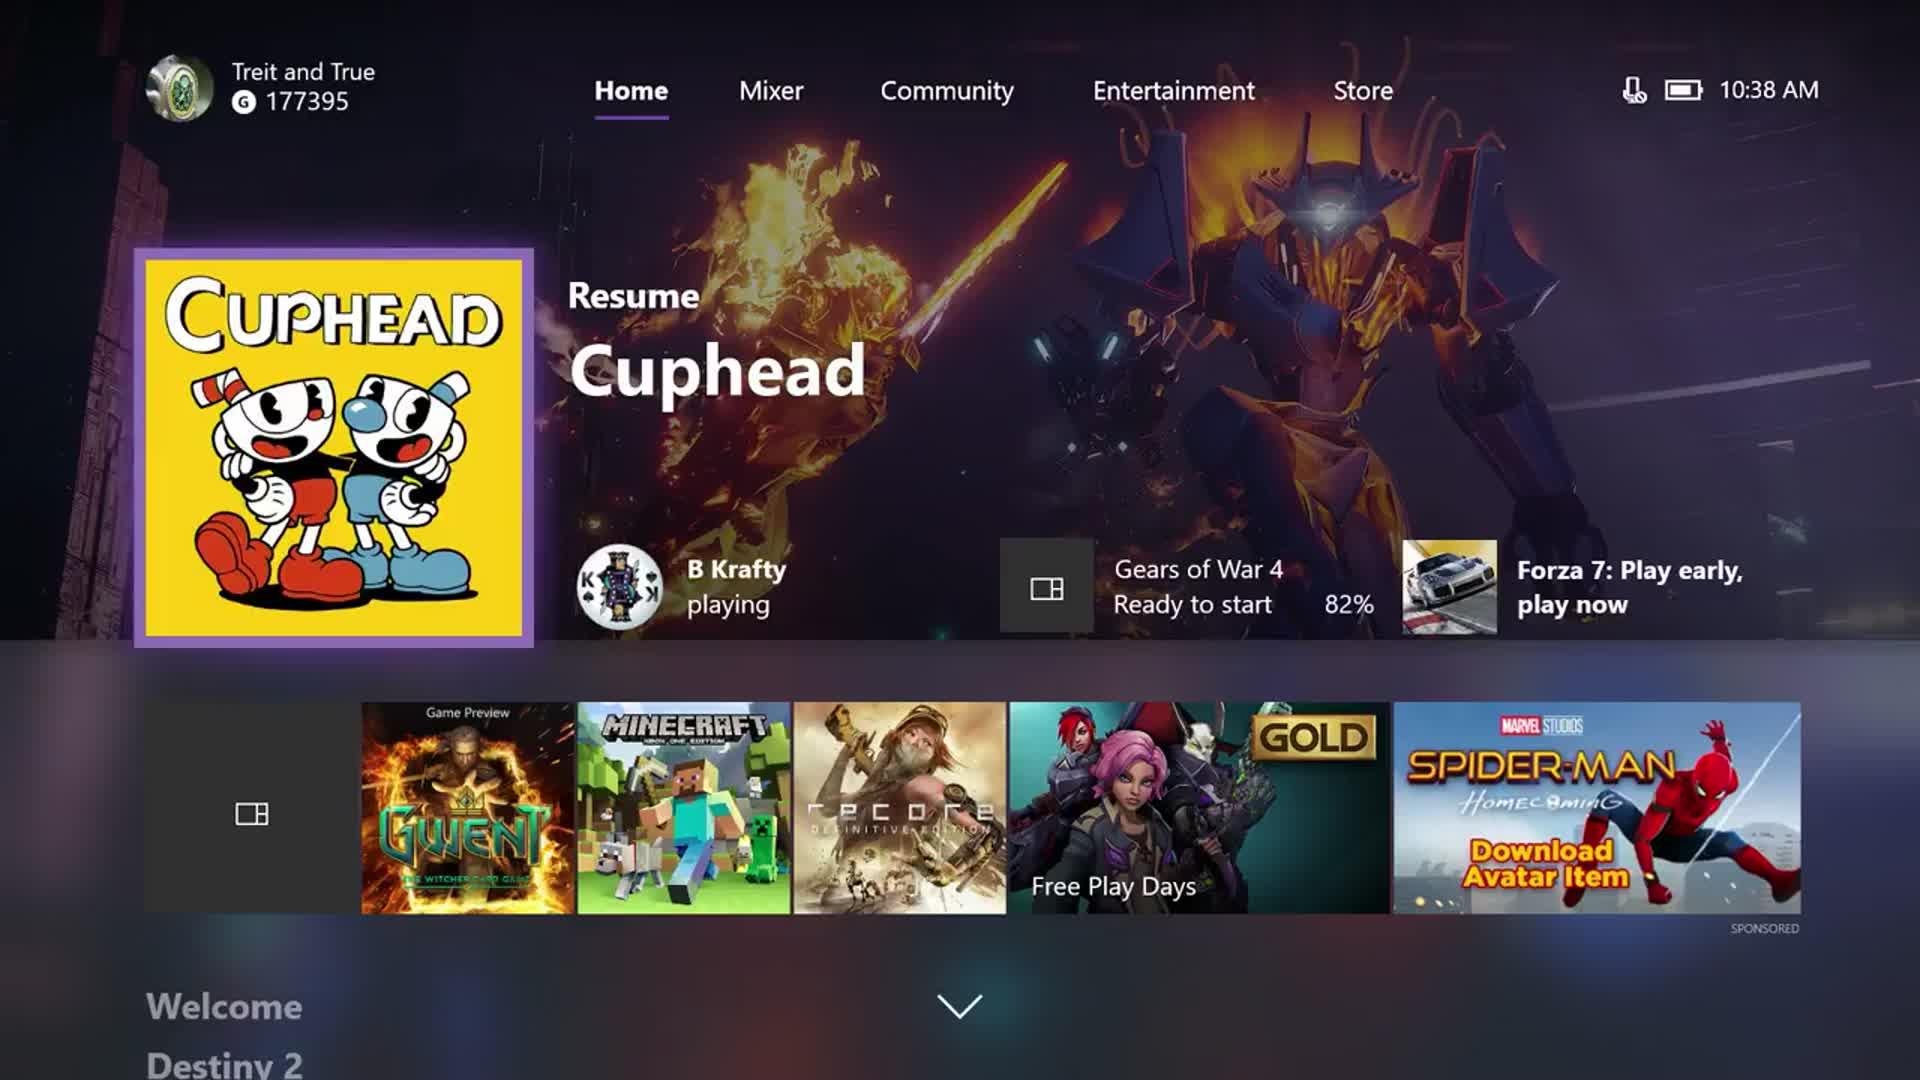 Windows Und Xbox One Gemeinsam Spielt Sichs Besser So - Minecraft konsole und pc zusammen spielen